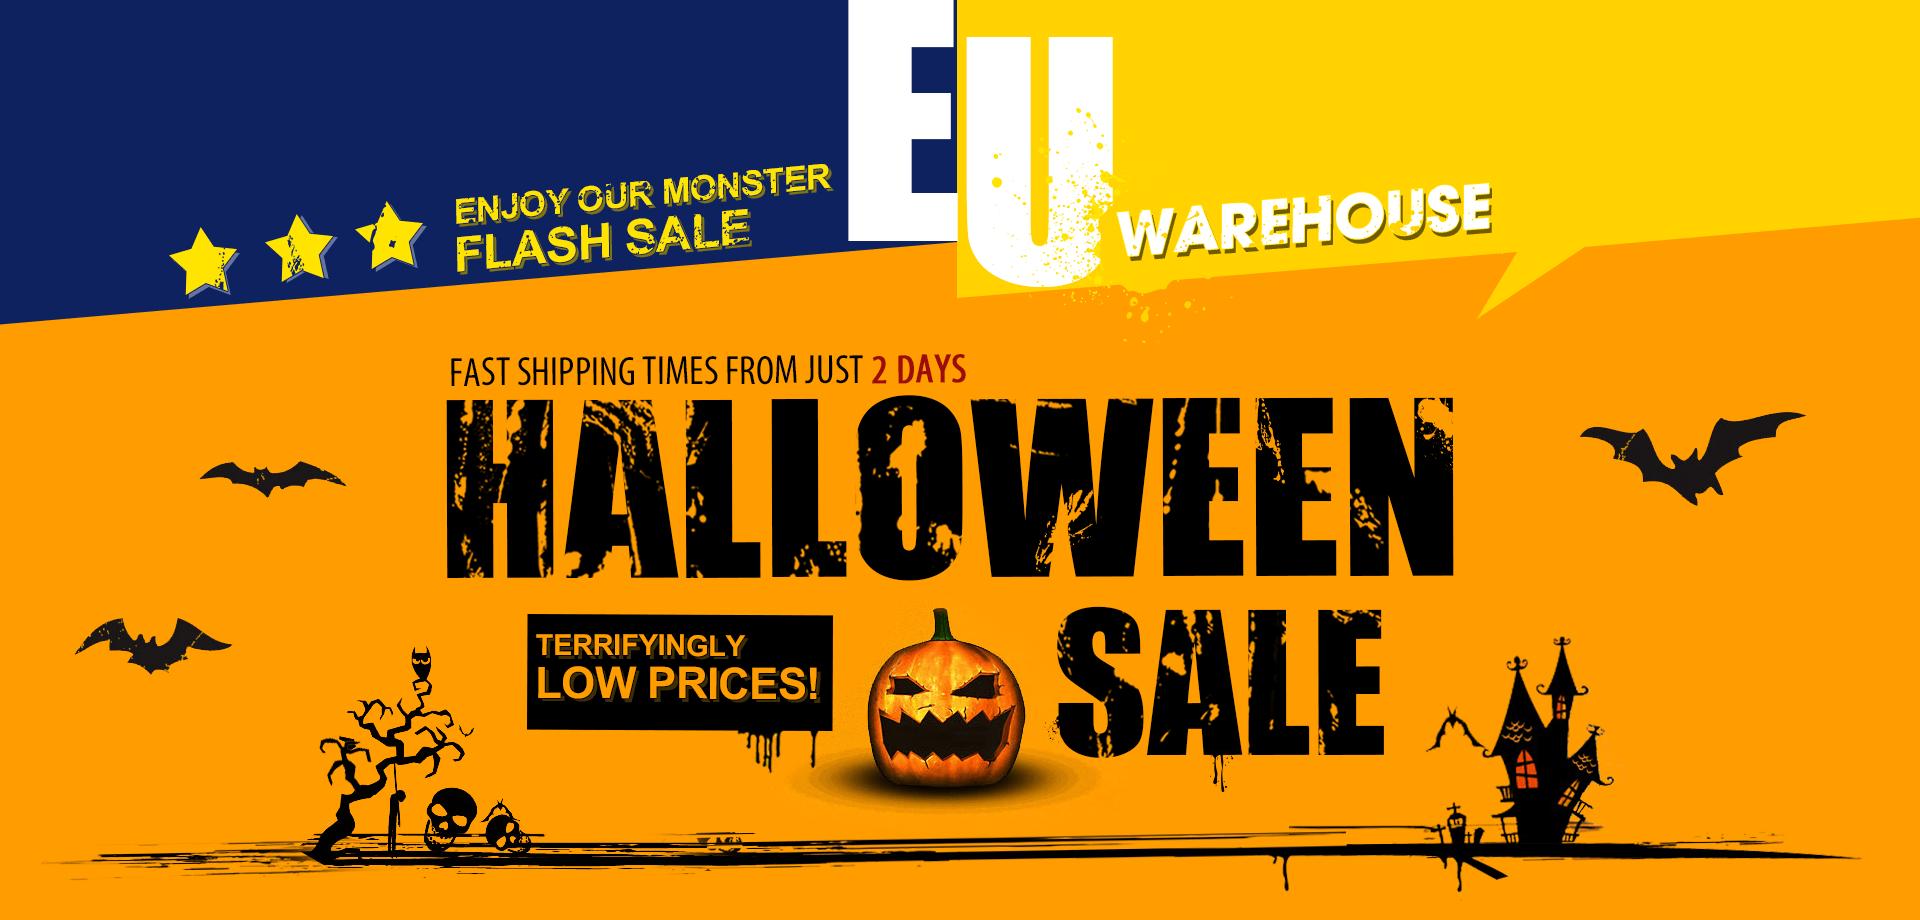 Halloween z GearBest.com - dystrybucja europejska